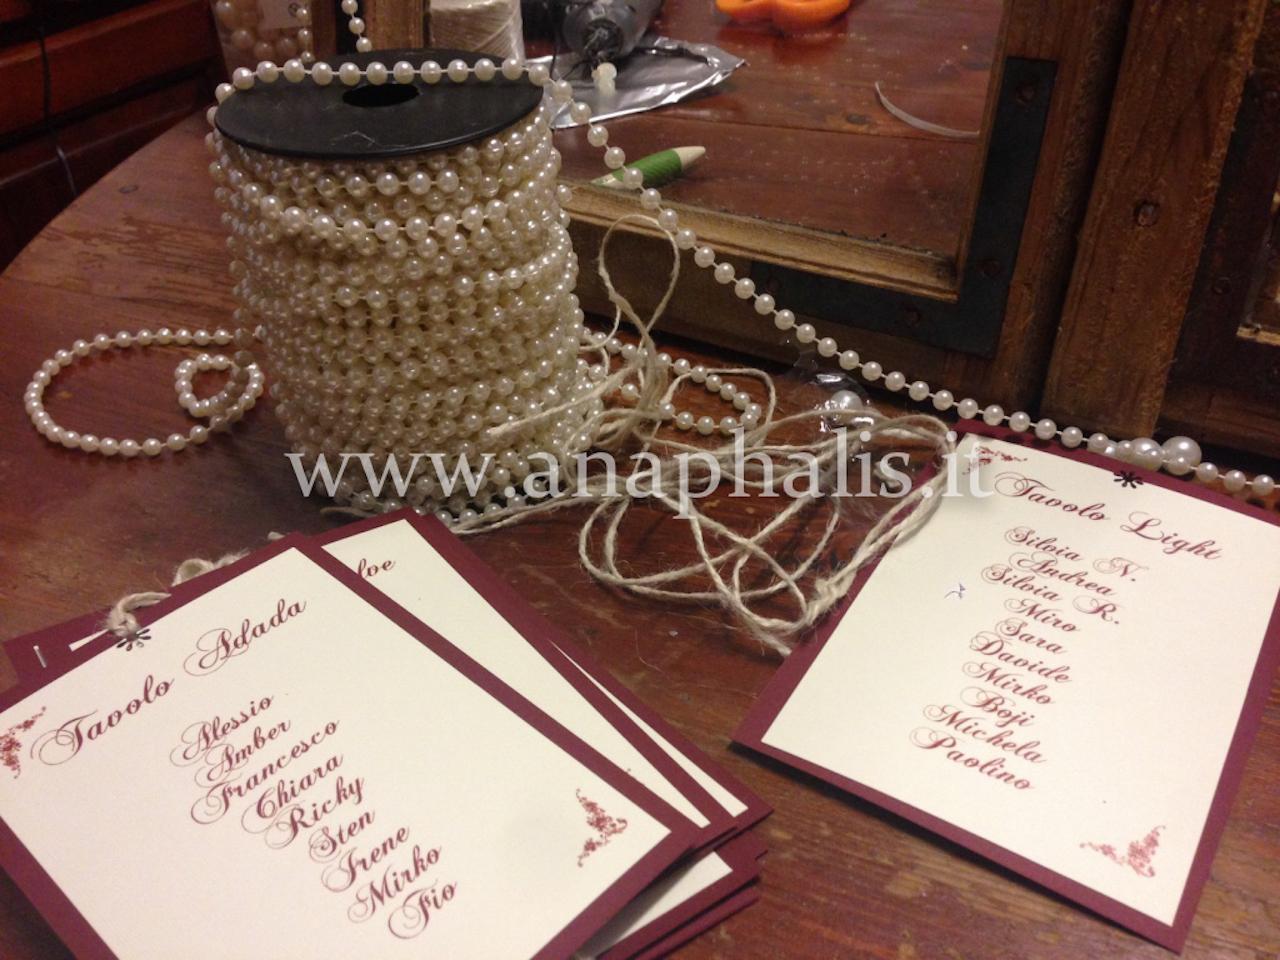 shabby_chic_wedding_pastel_anaphalis (54)